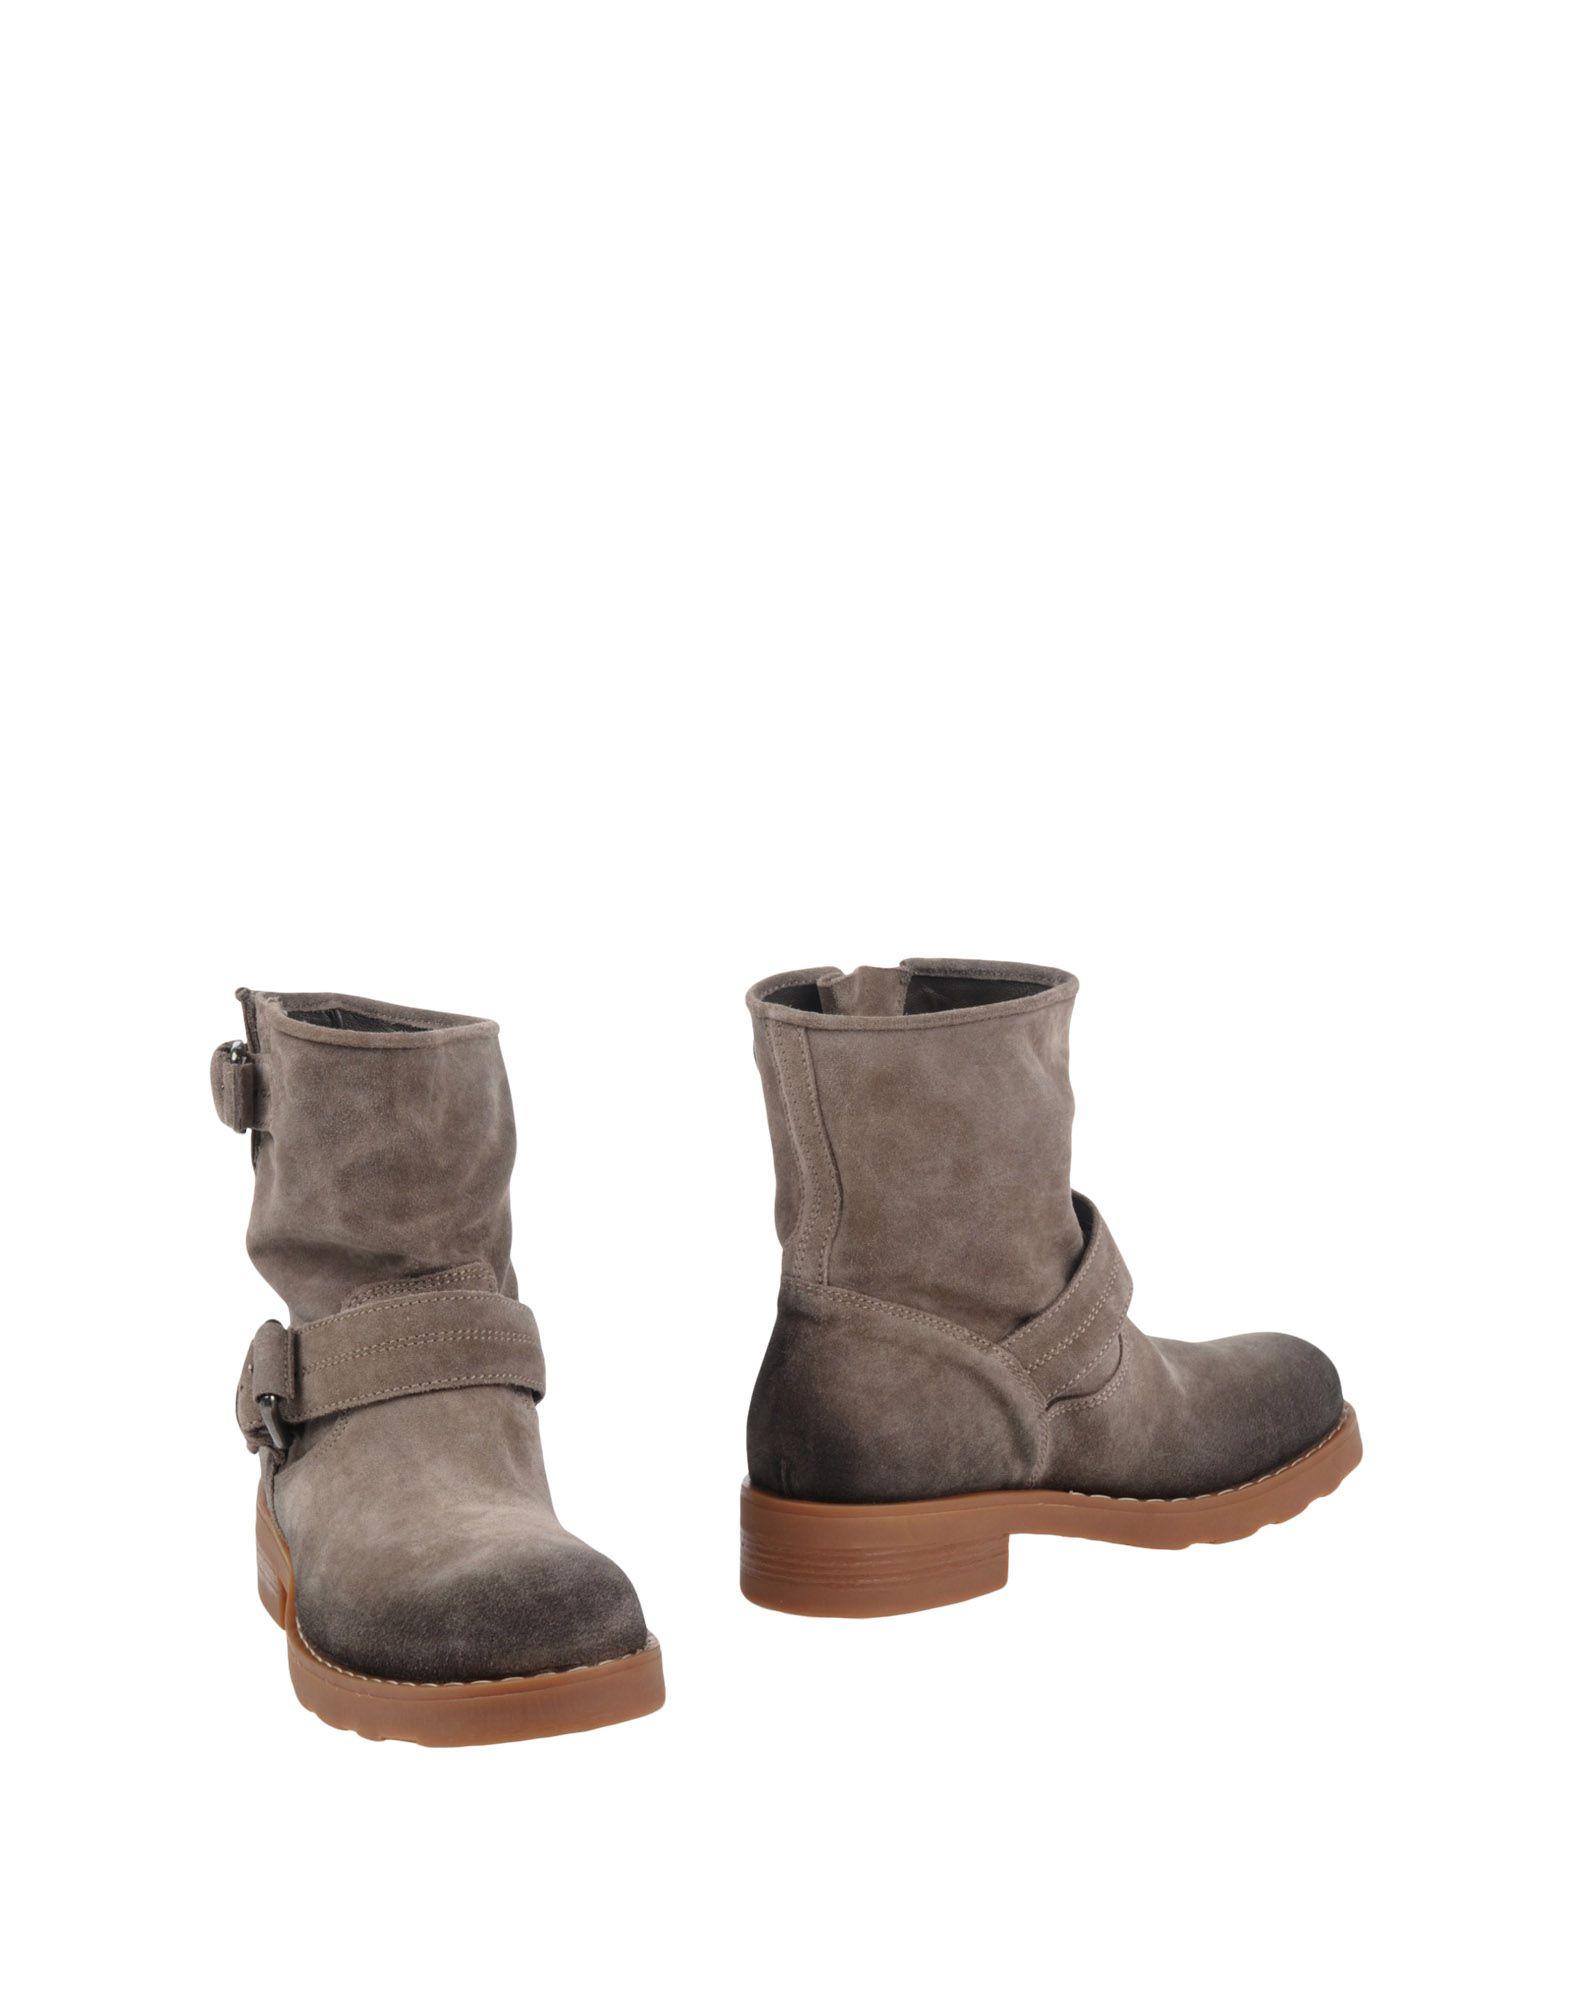 O.X.S. Stiefelette Damen  11274618WH Gute Qualität beliebte Schuhe